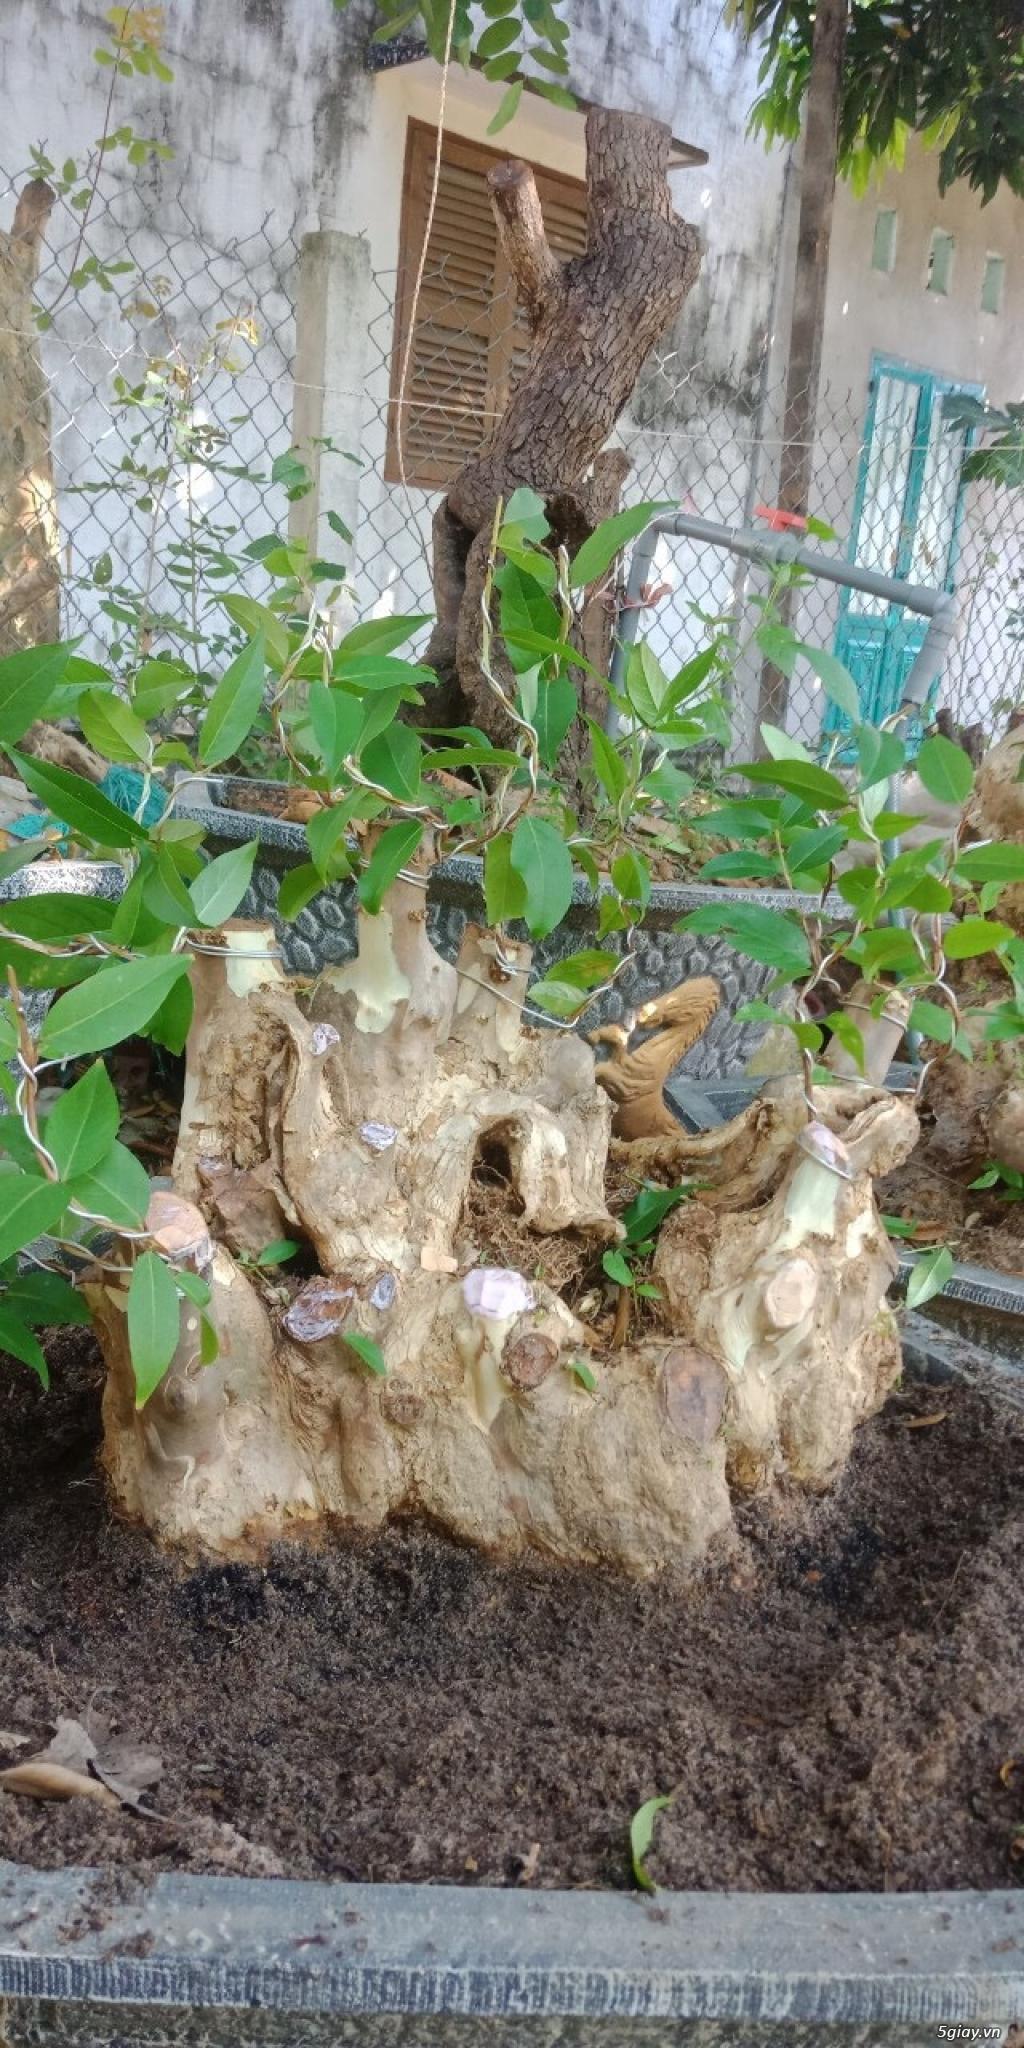 bằng lăng lá nhỏ hoa tím cây bonsai thế đẹp - 2